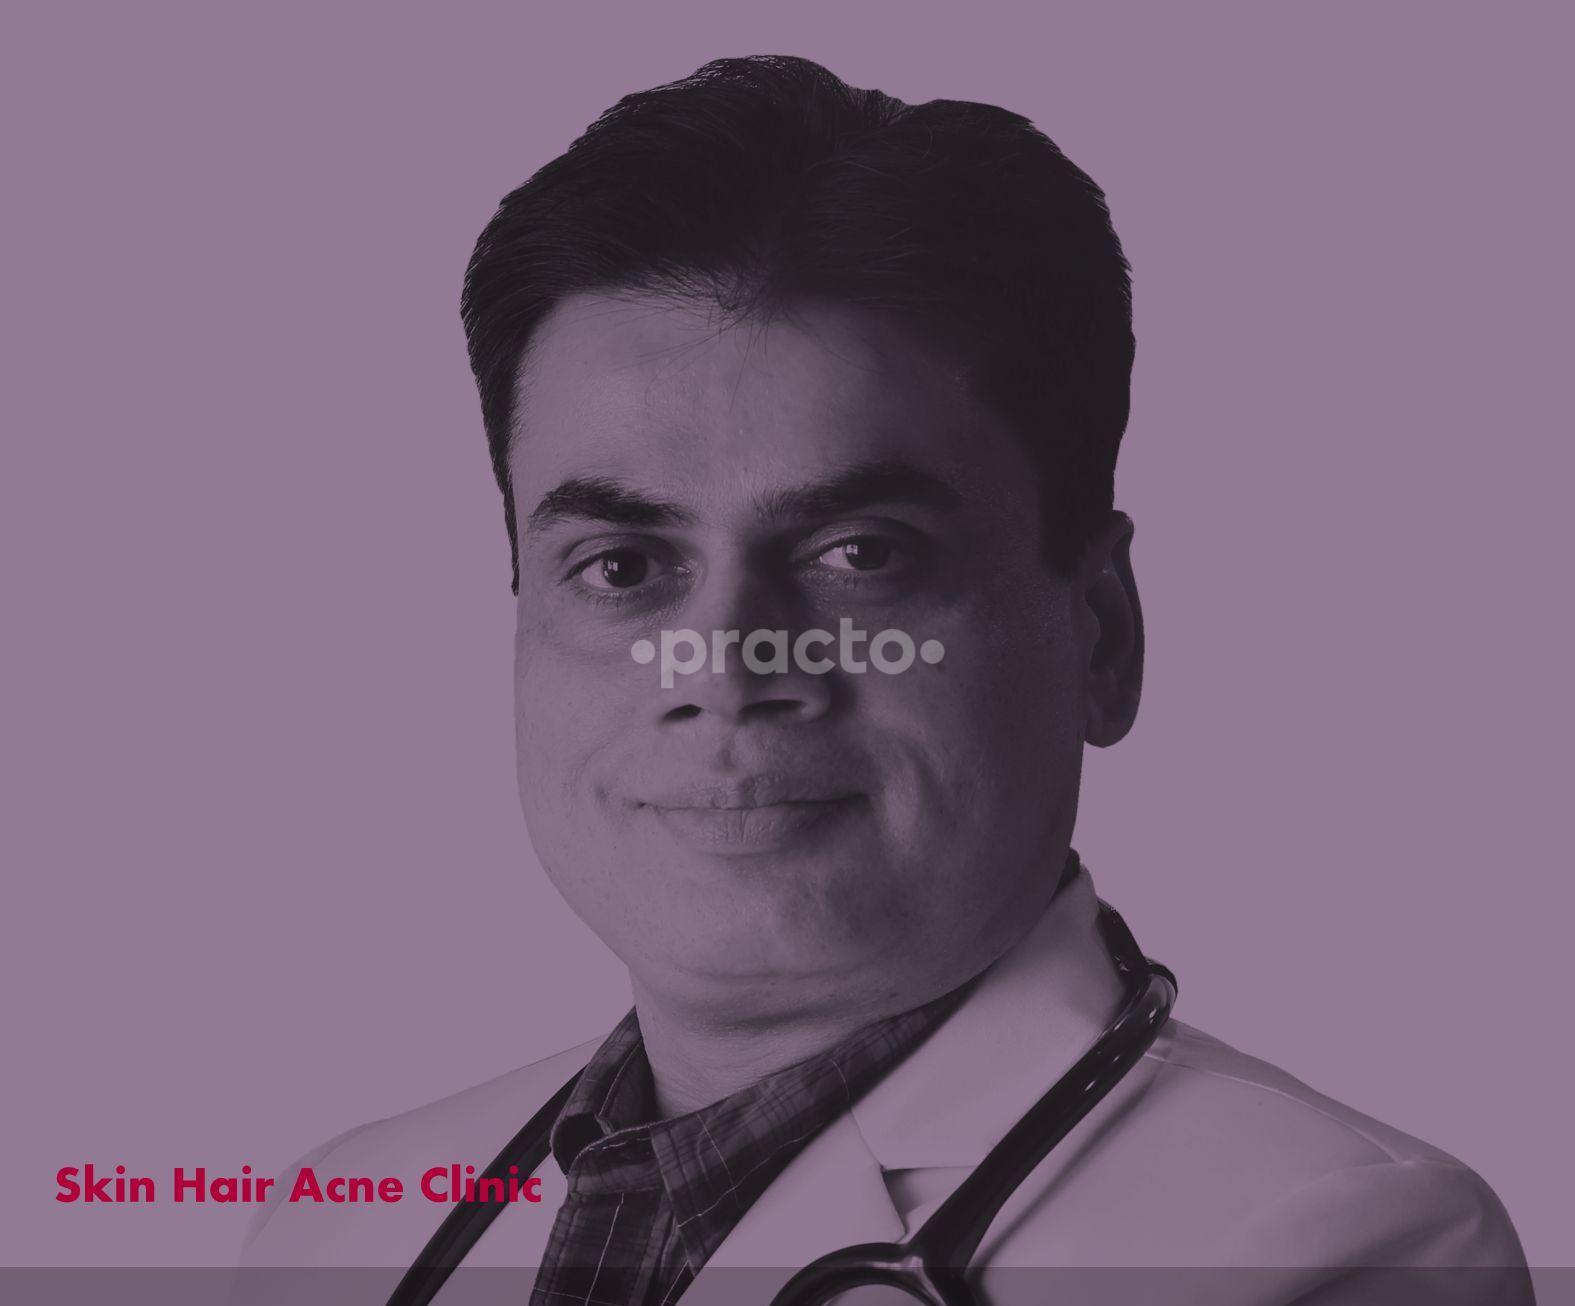 Skin Hair Acne Clinic